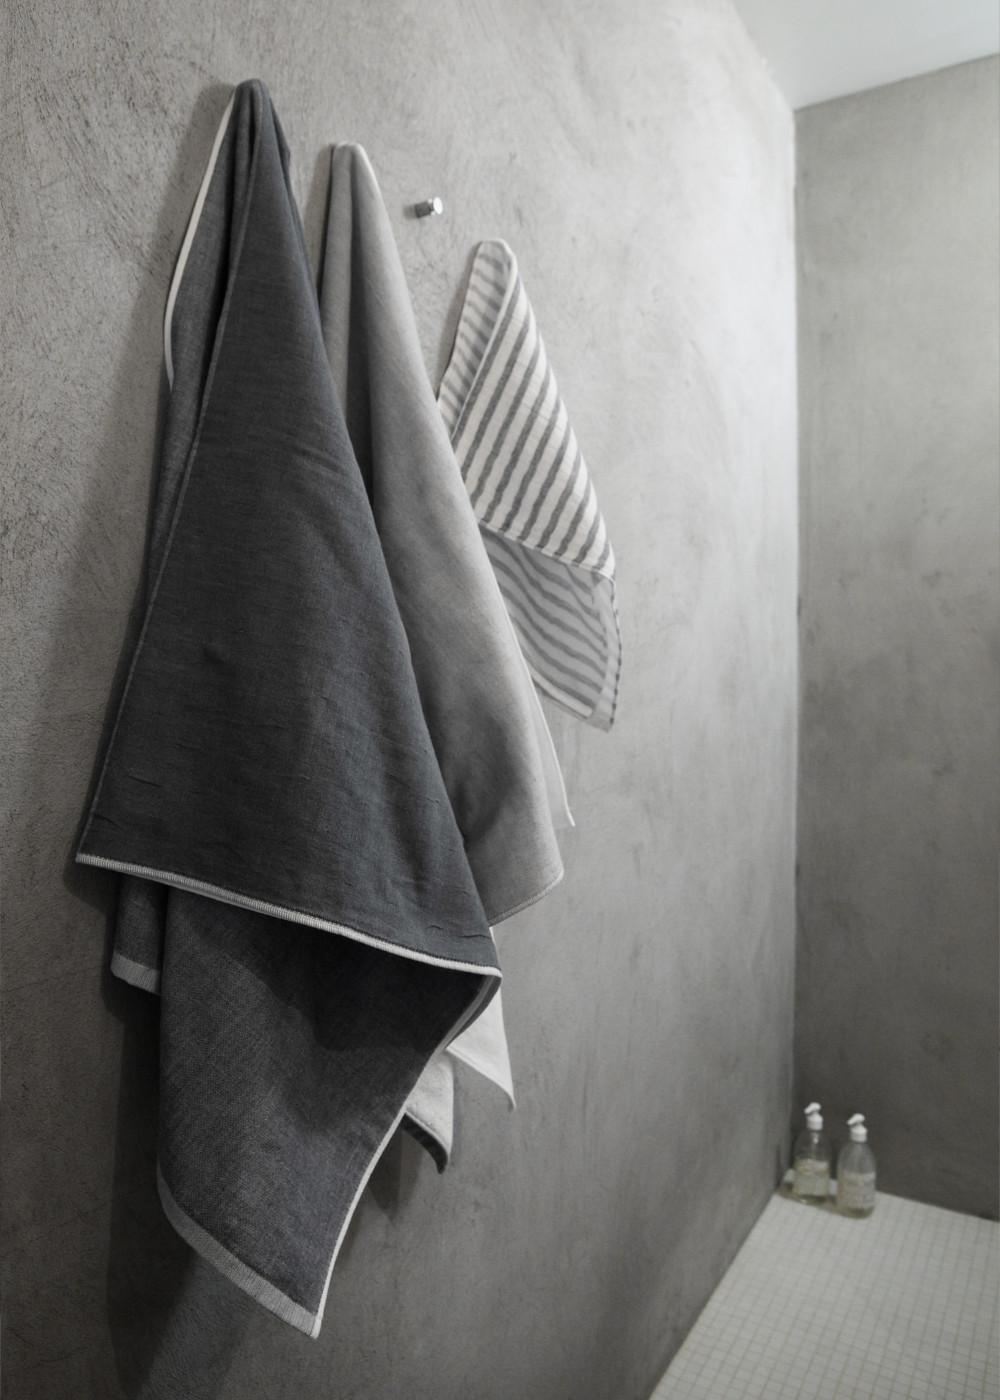 YoshiiTowel-BathTowel-image3